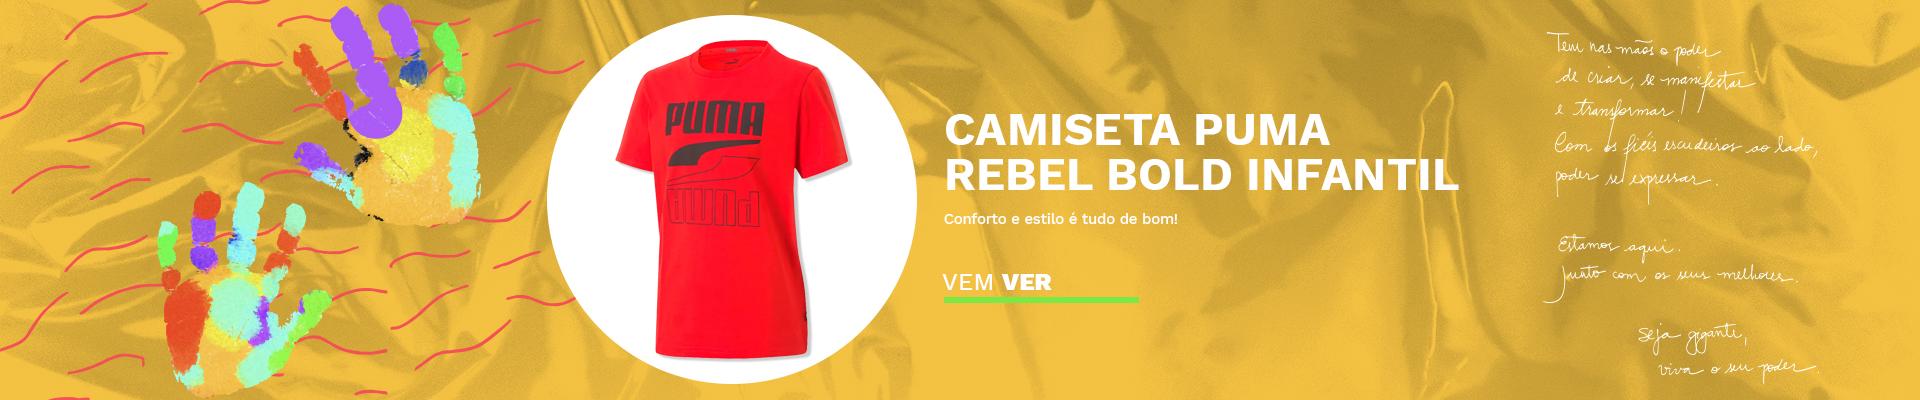 p3-camiseta-puma-rebel